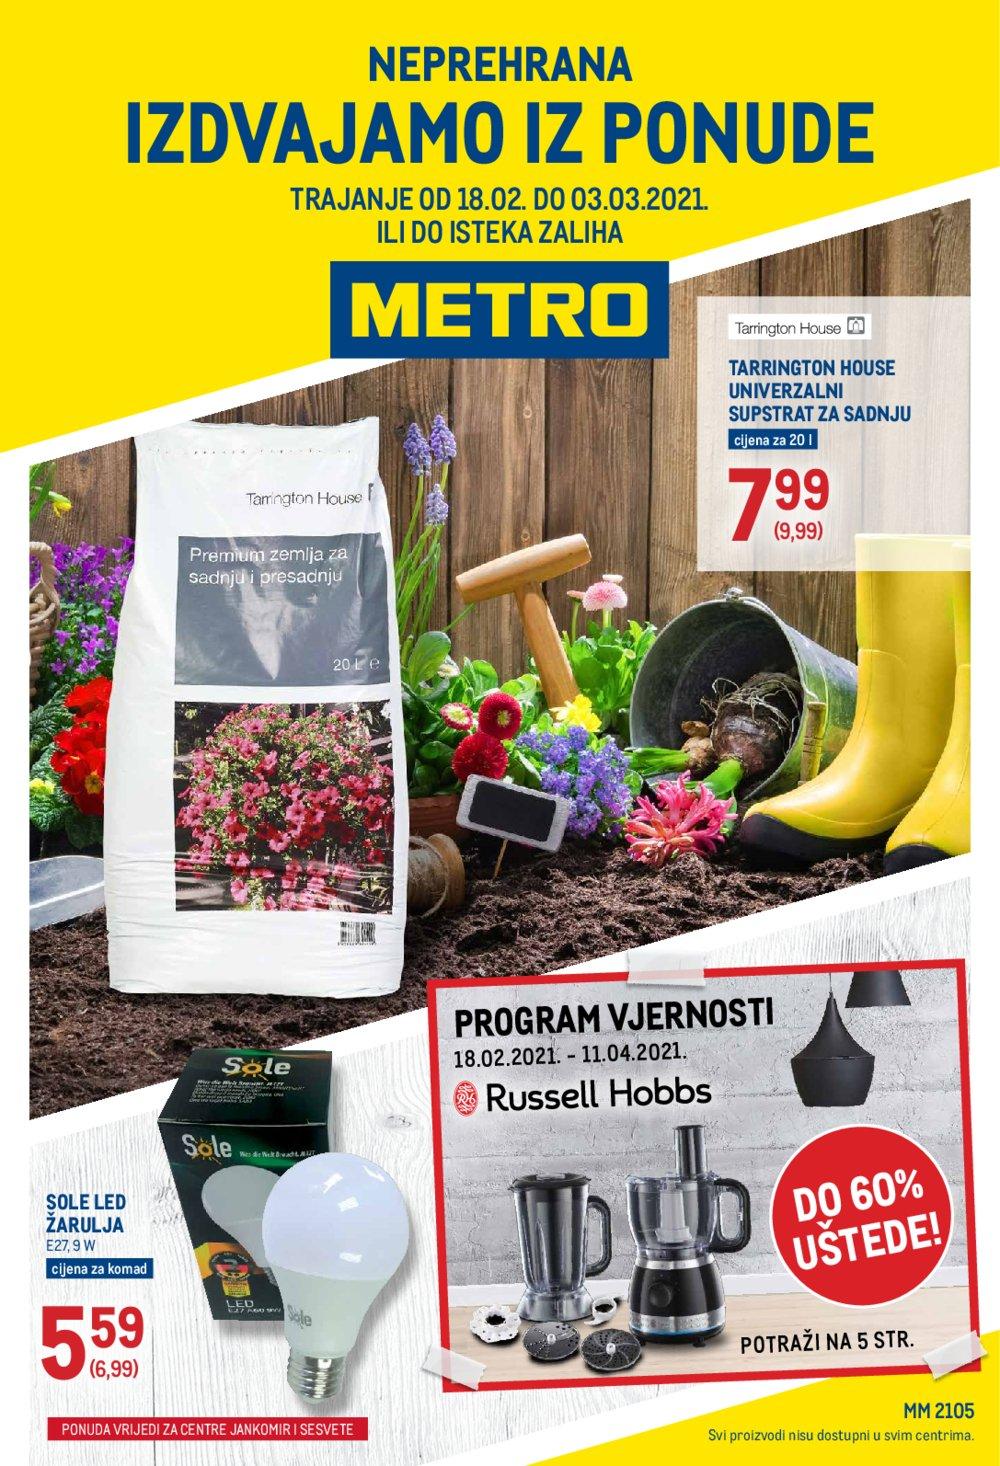 Metro katalog Neprehrana 18.02.-03.03.2021.